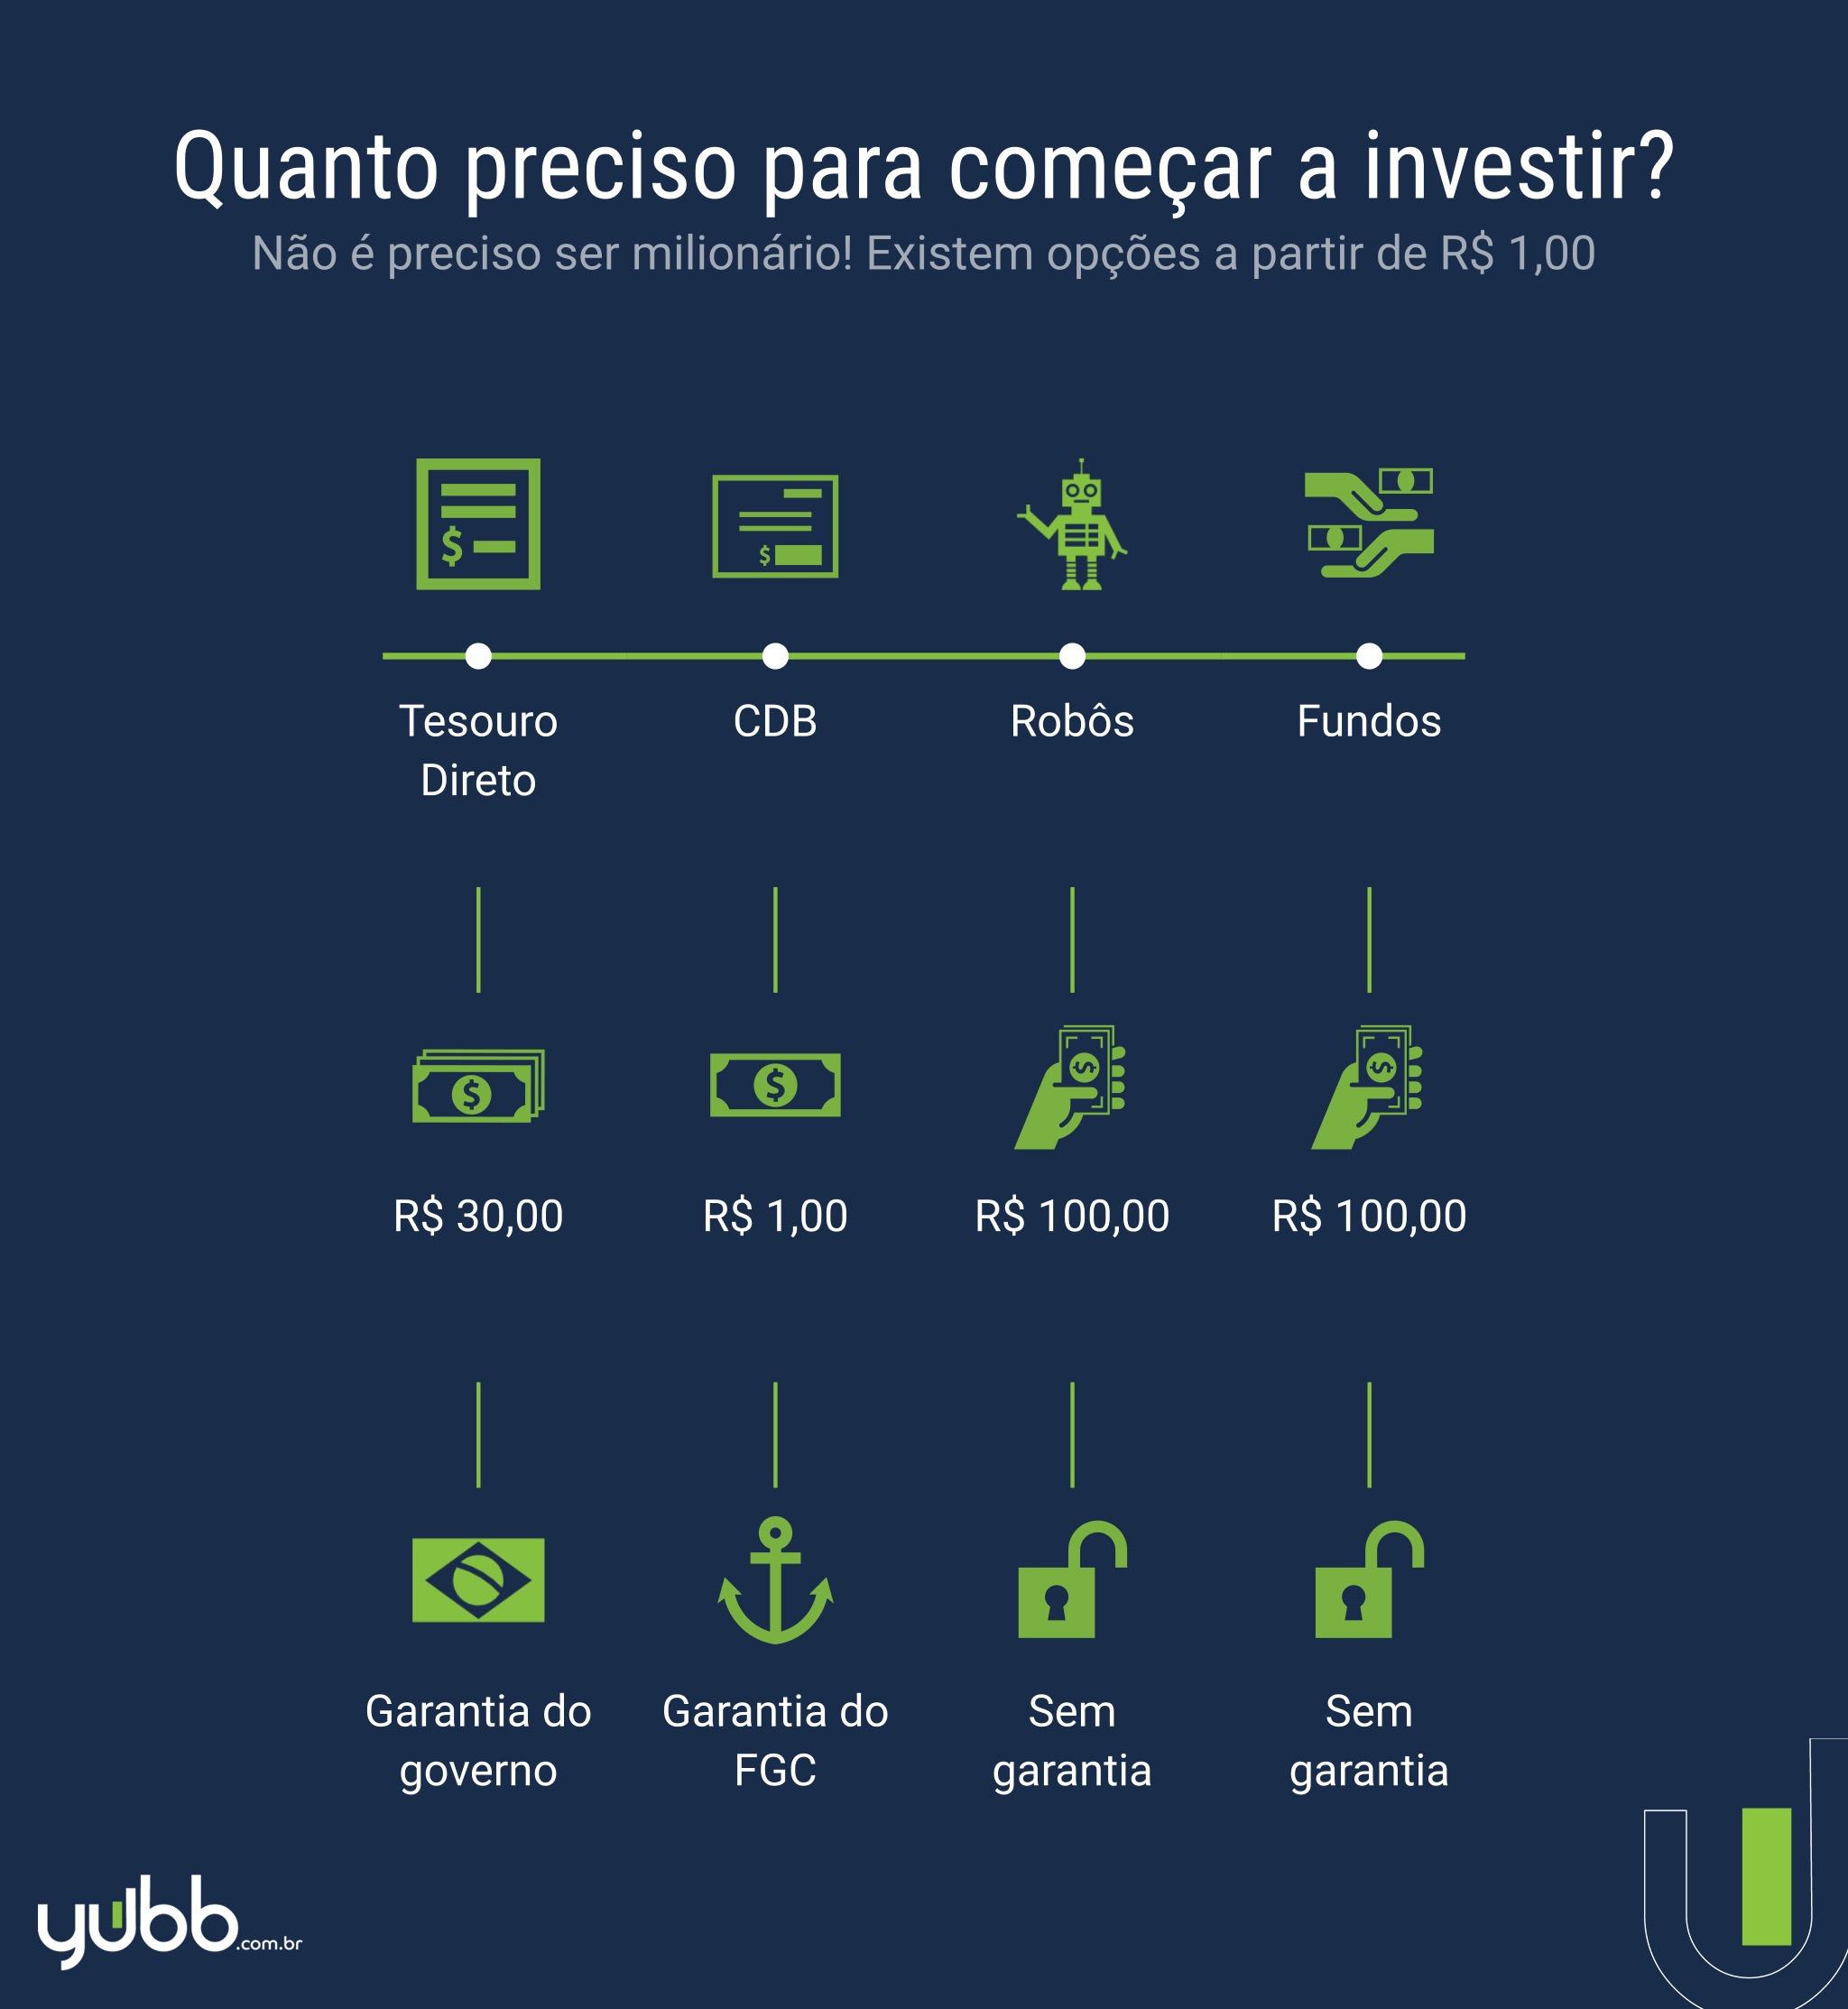 quanto preciso para começar a investir?